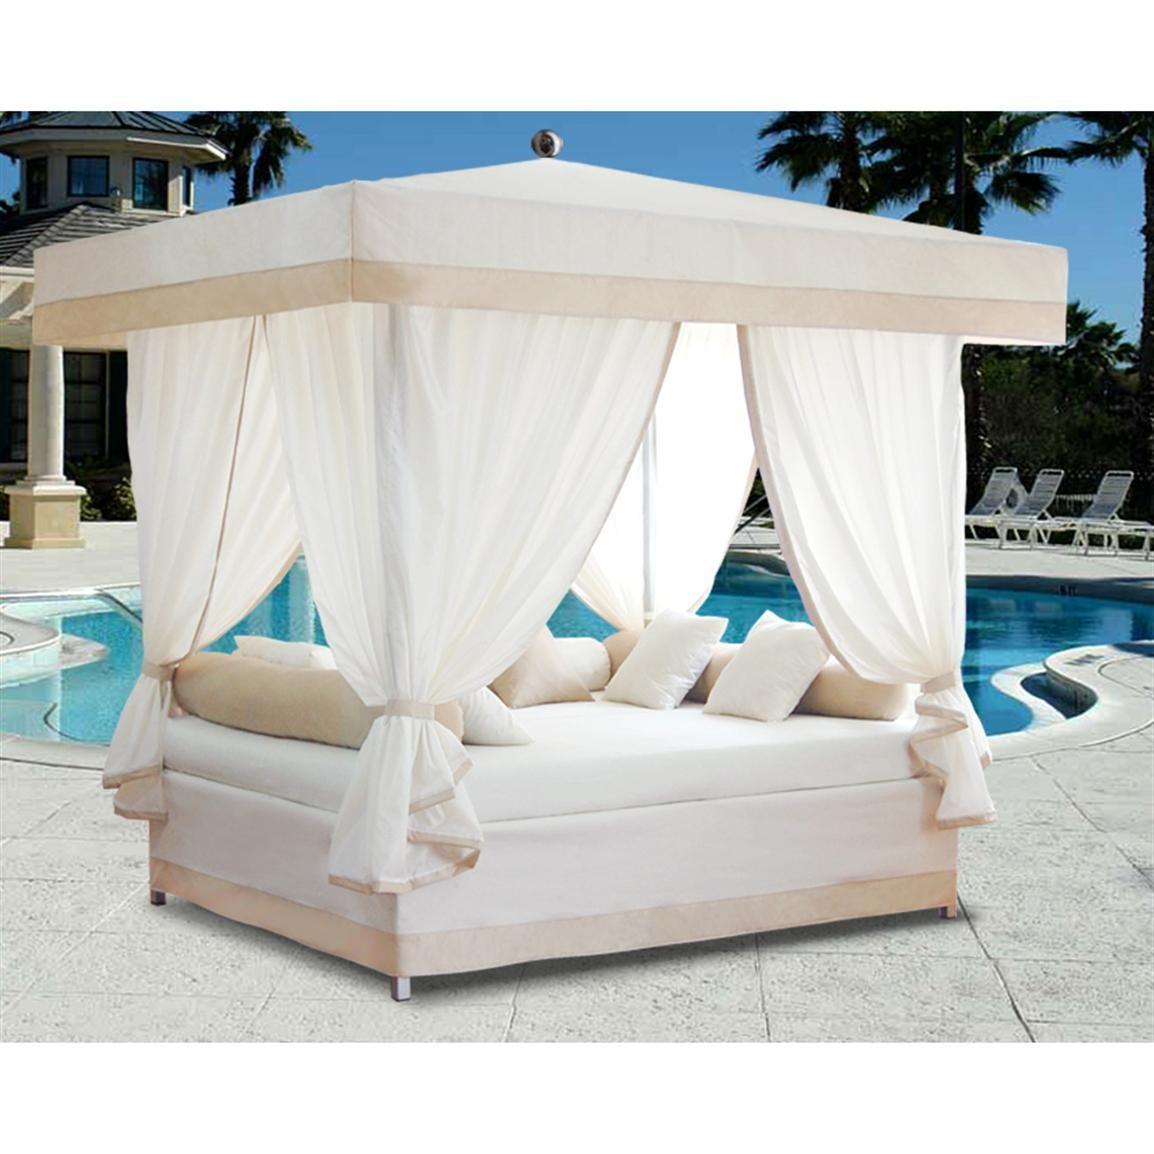 36 exquisite outdoor beds that look